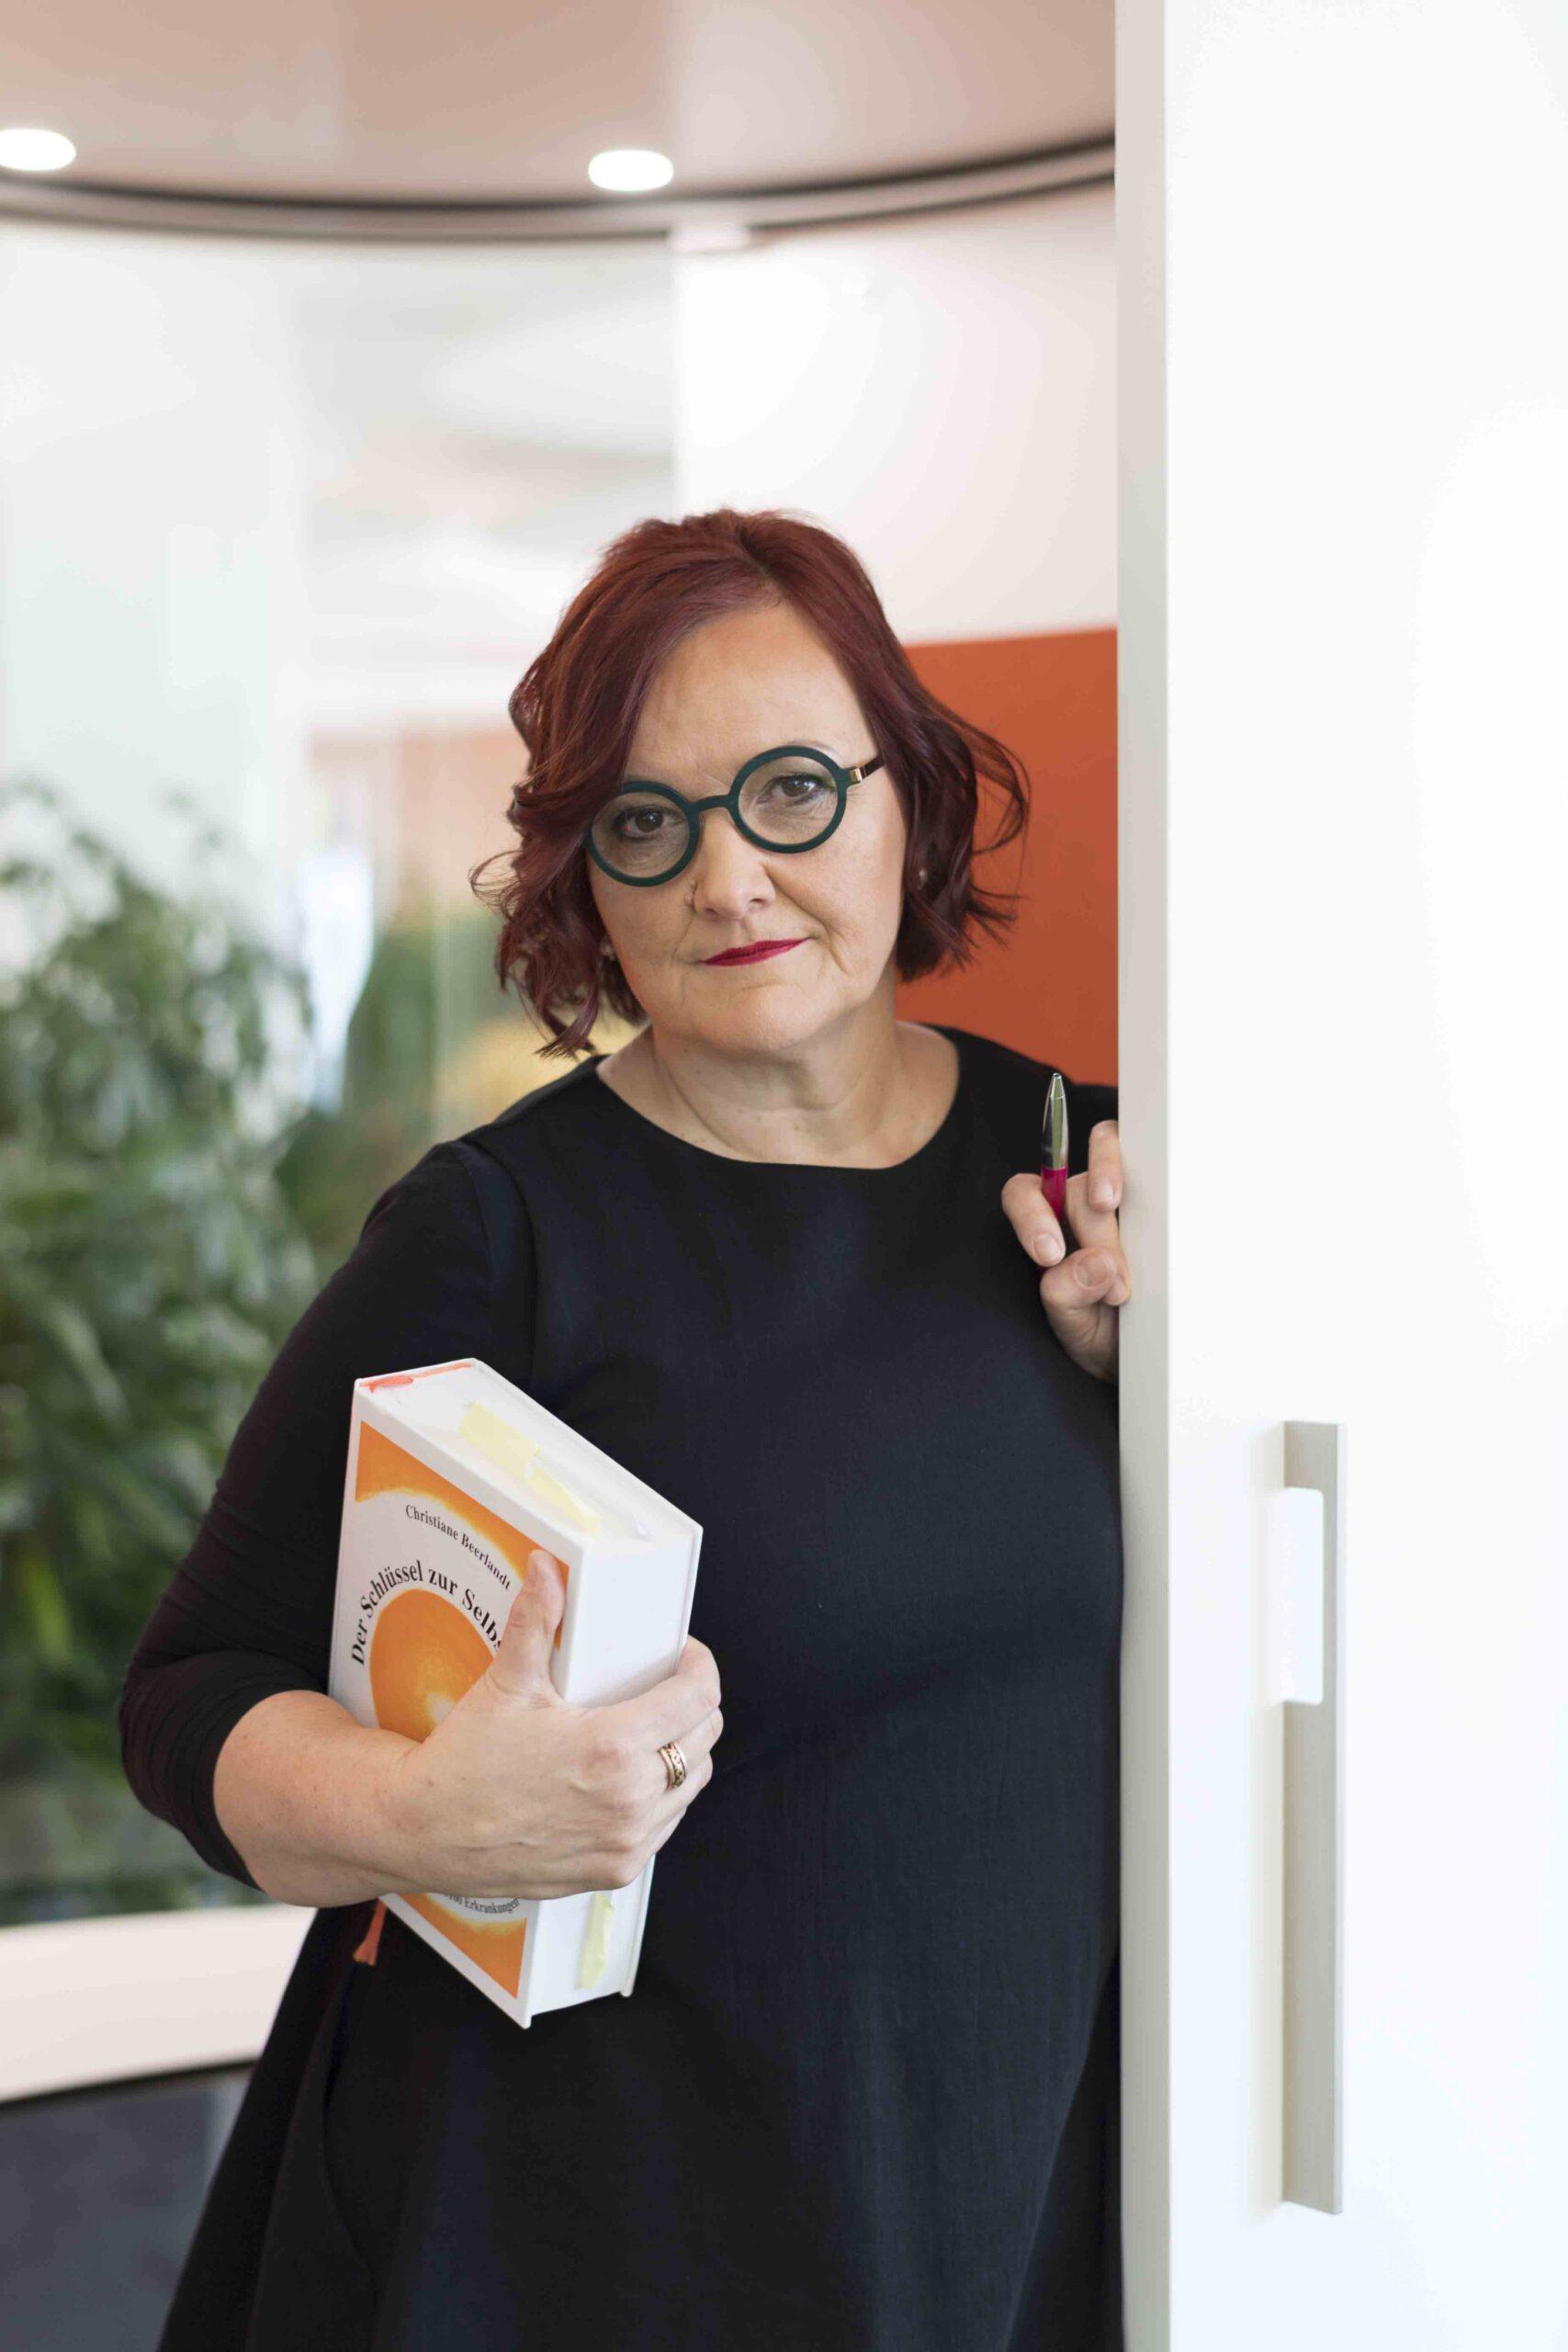 Verena Anna Wigger mit Buch im Türrahmen